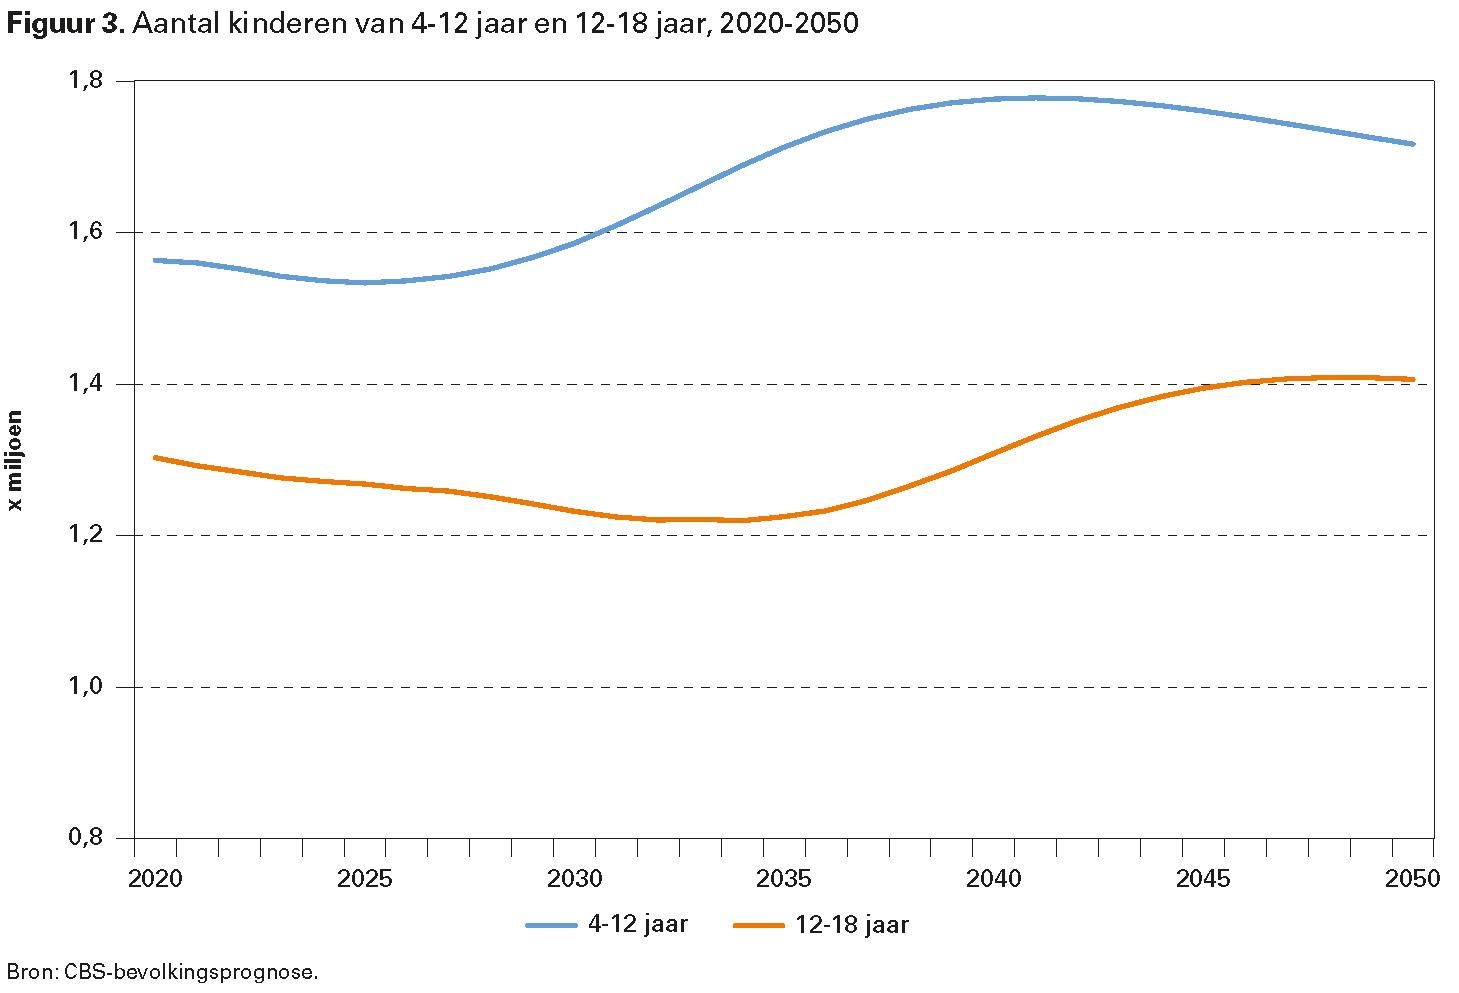 Figuur 3. Aantal kinderen van 4-12 jaar en 12-18 jaar, 2020-2050